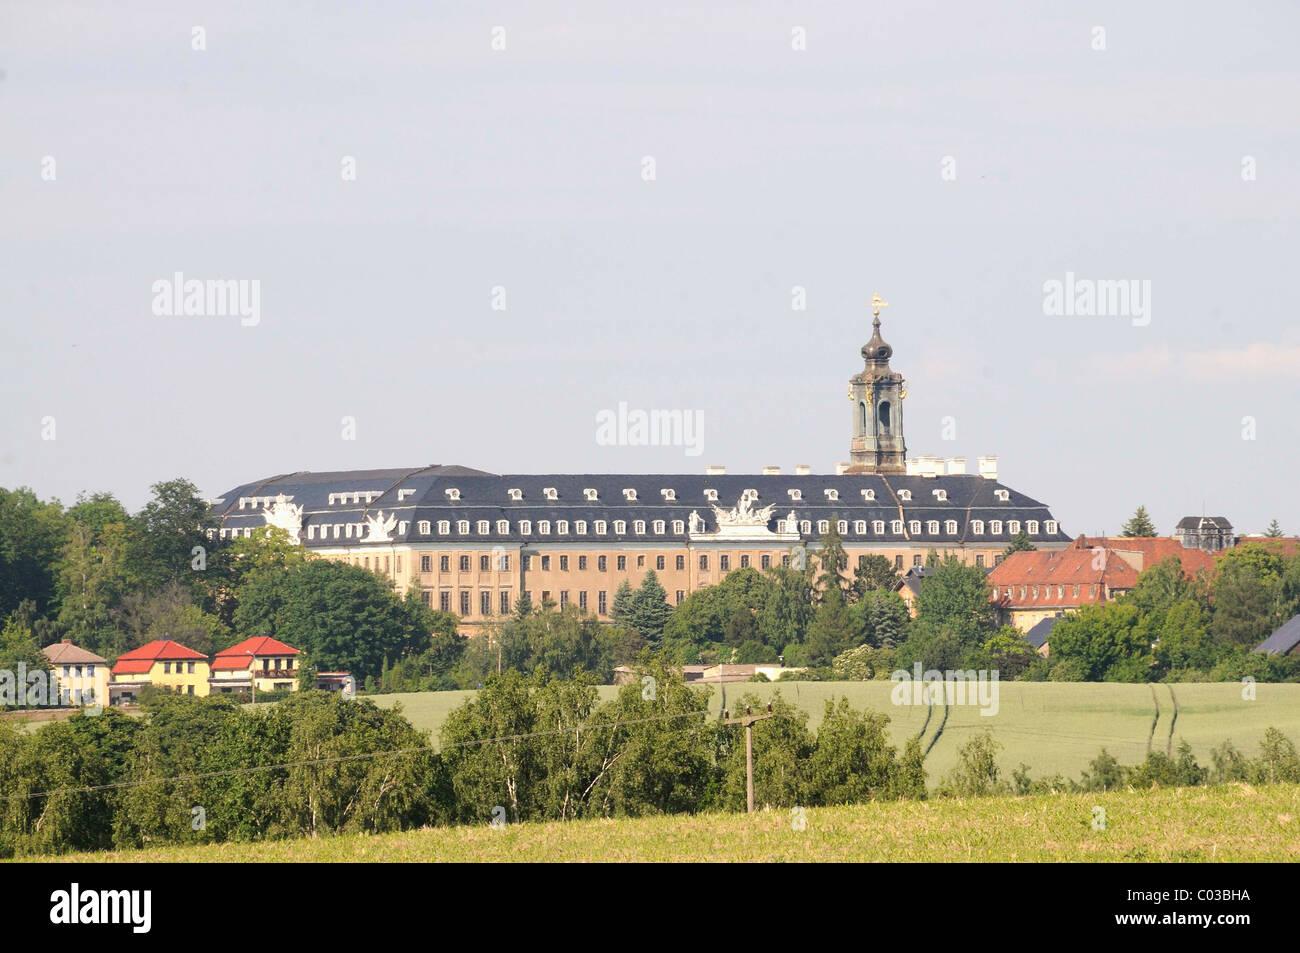 Hubertusburg palace, Wermsdorf, Landkreis Nordsachsen district, Saxony, Germany, Europe Stock Photo